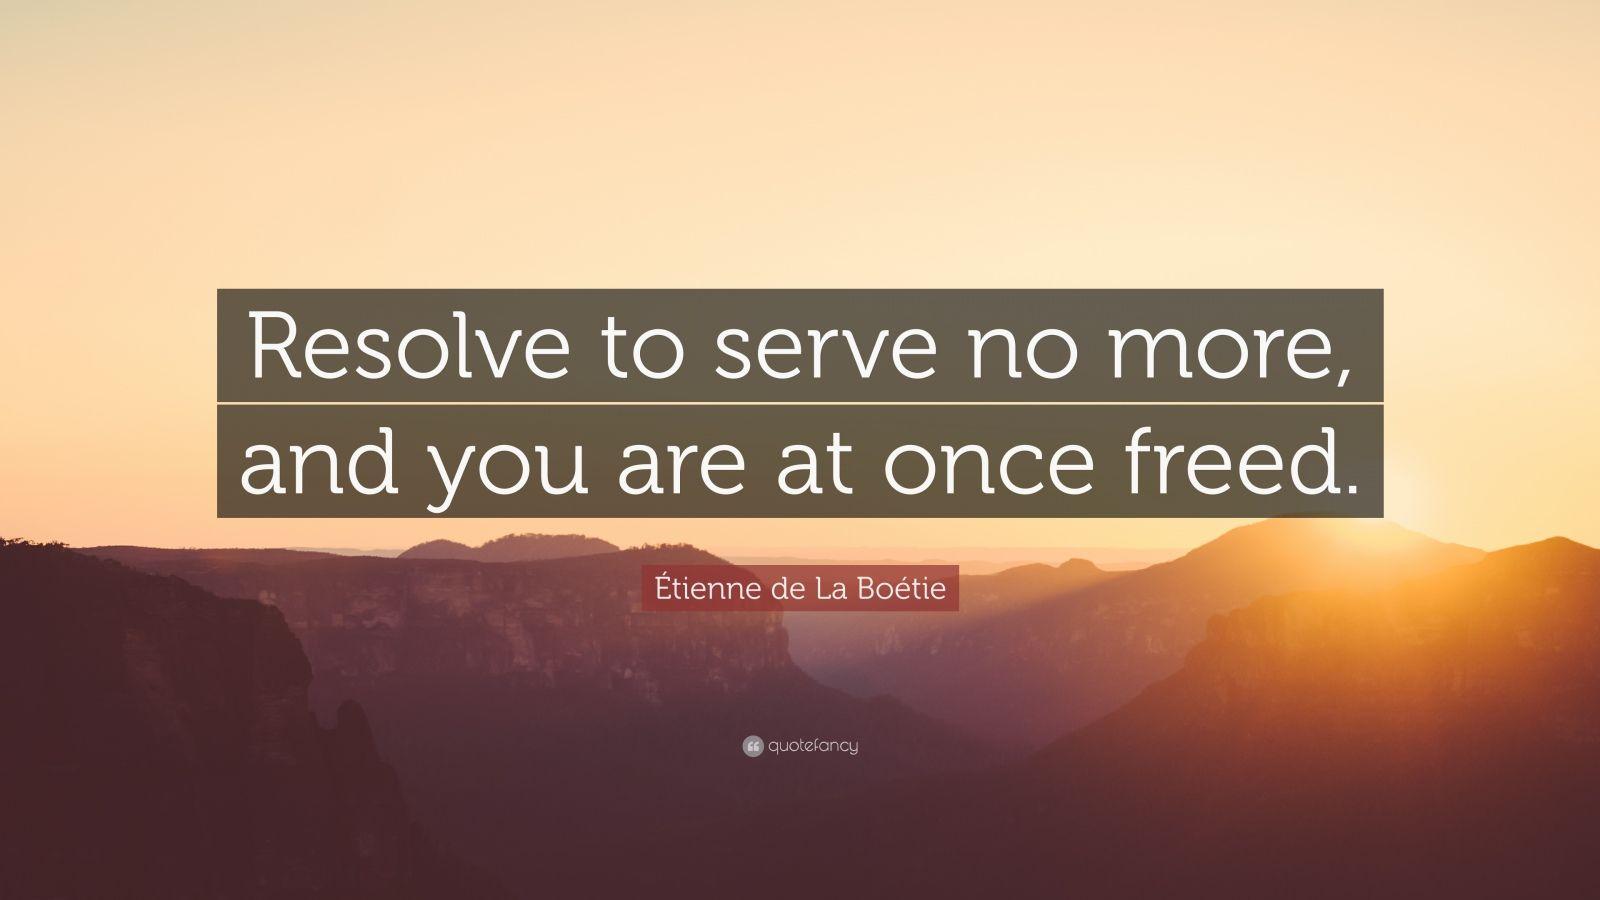 étienne De La Boétie Quote Resolve To Serve No More And